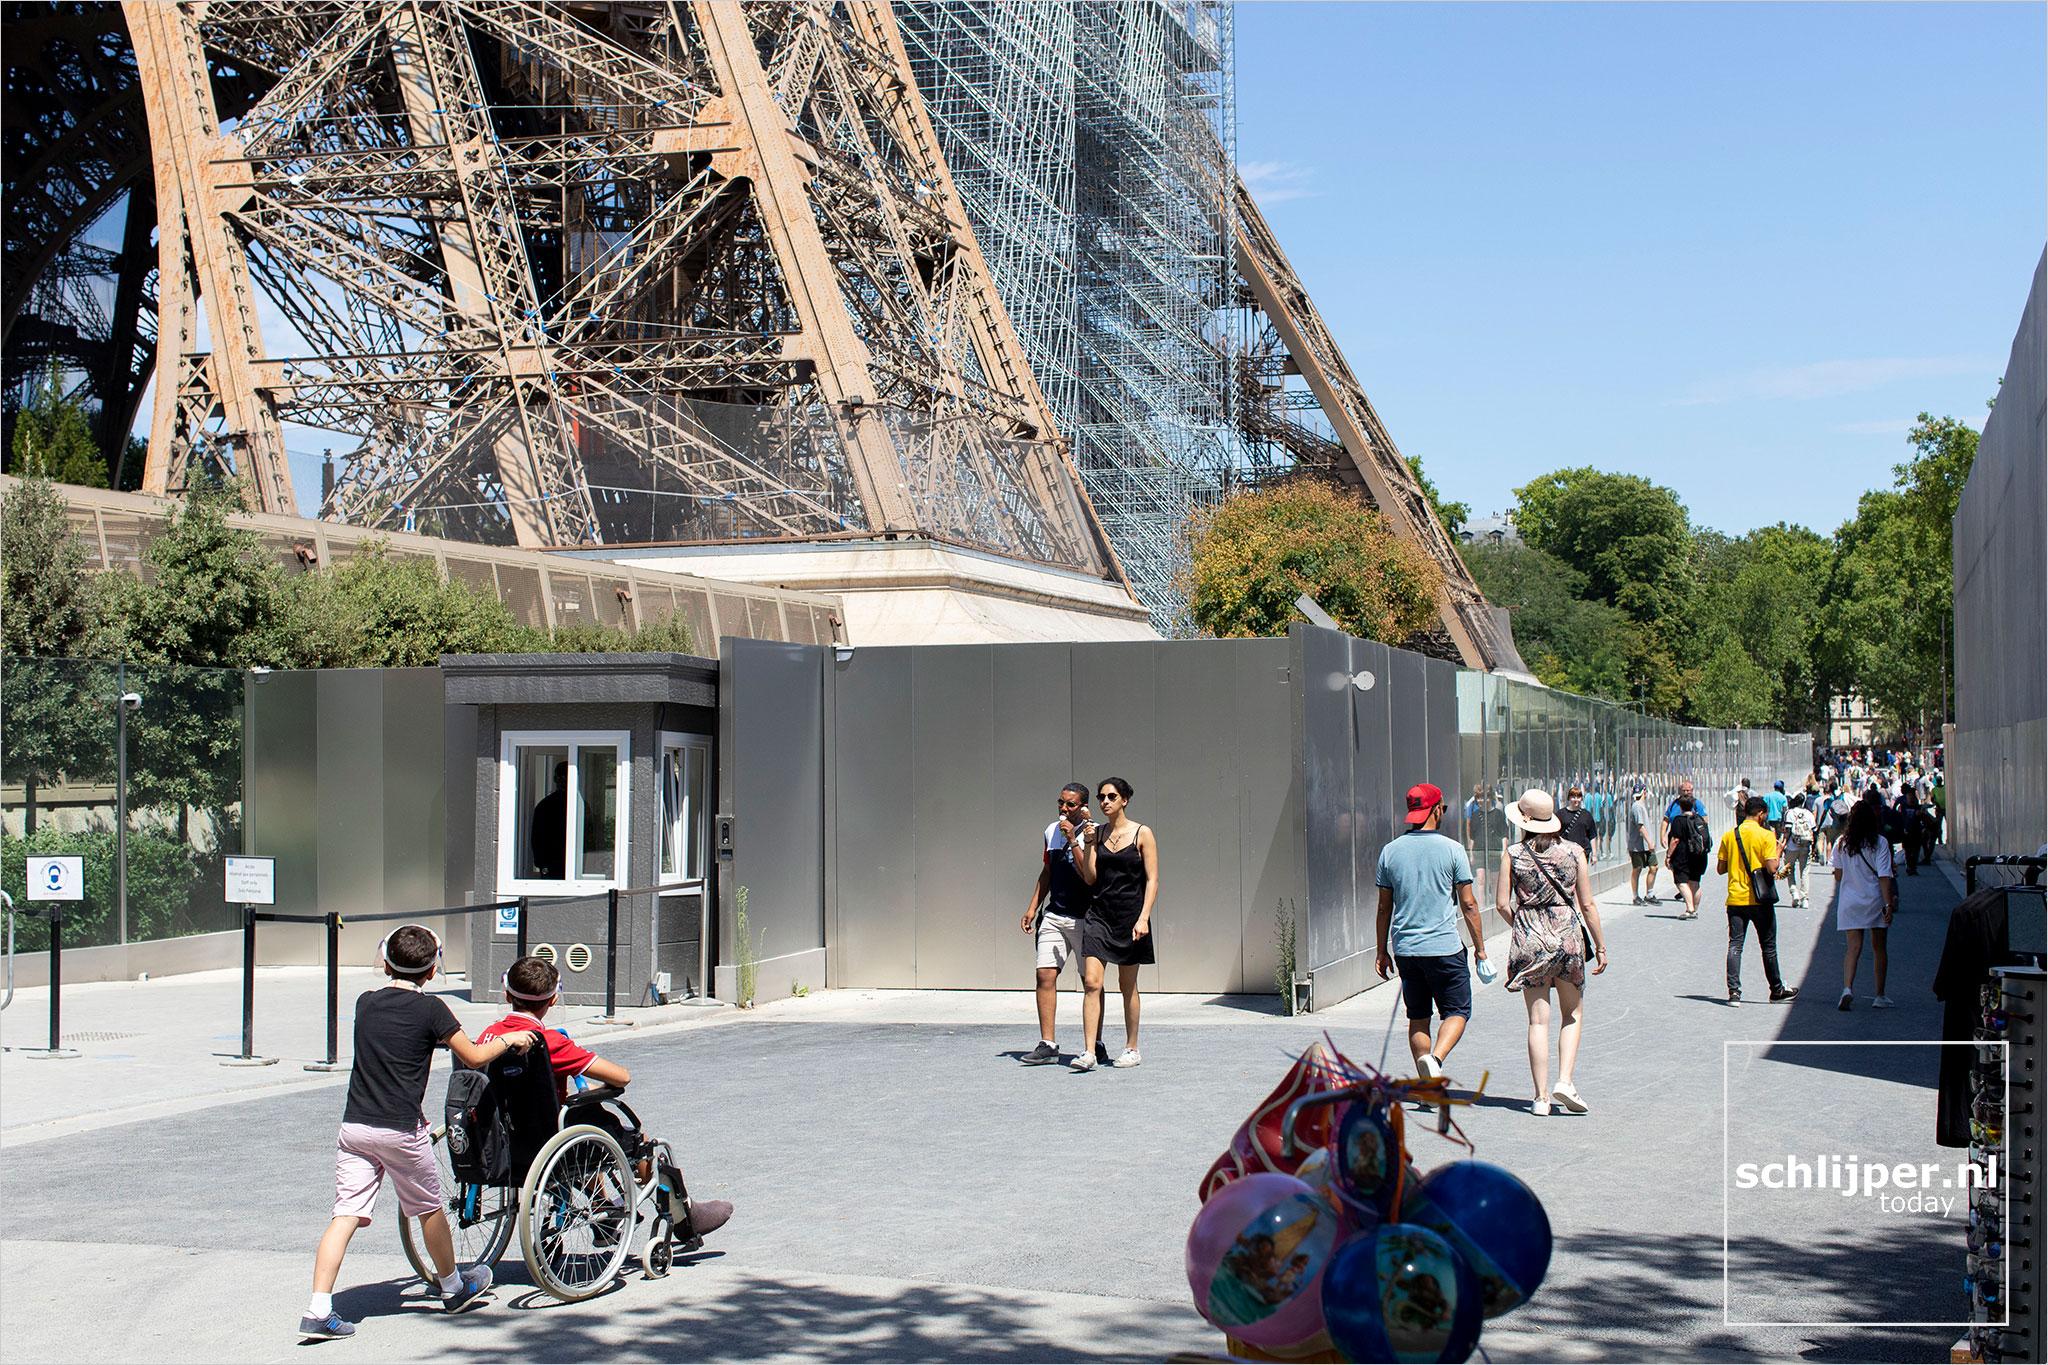 Frankrijk, Parijs, 19 juli 2020